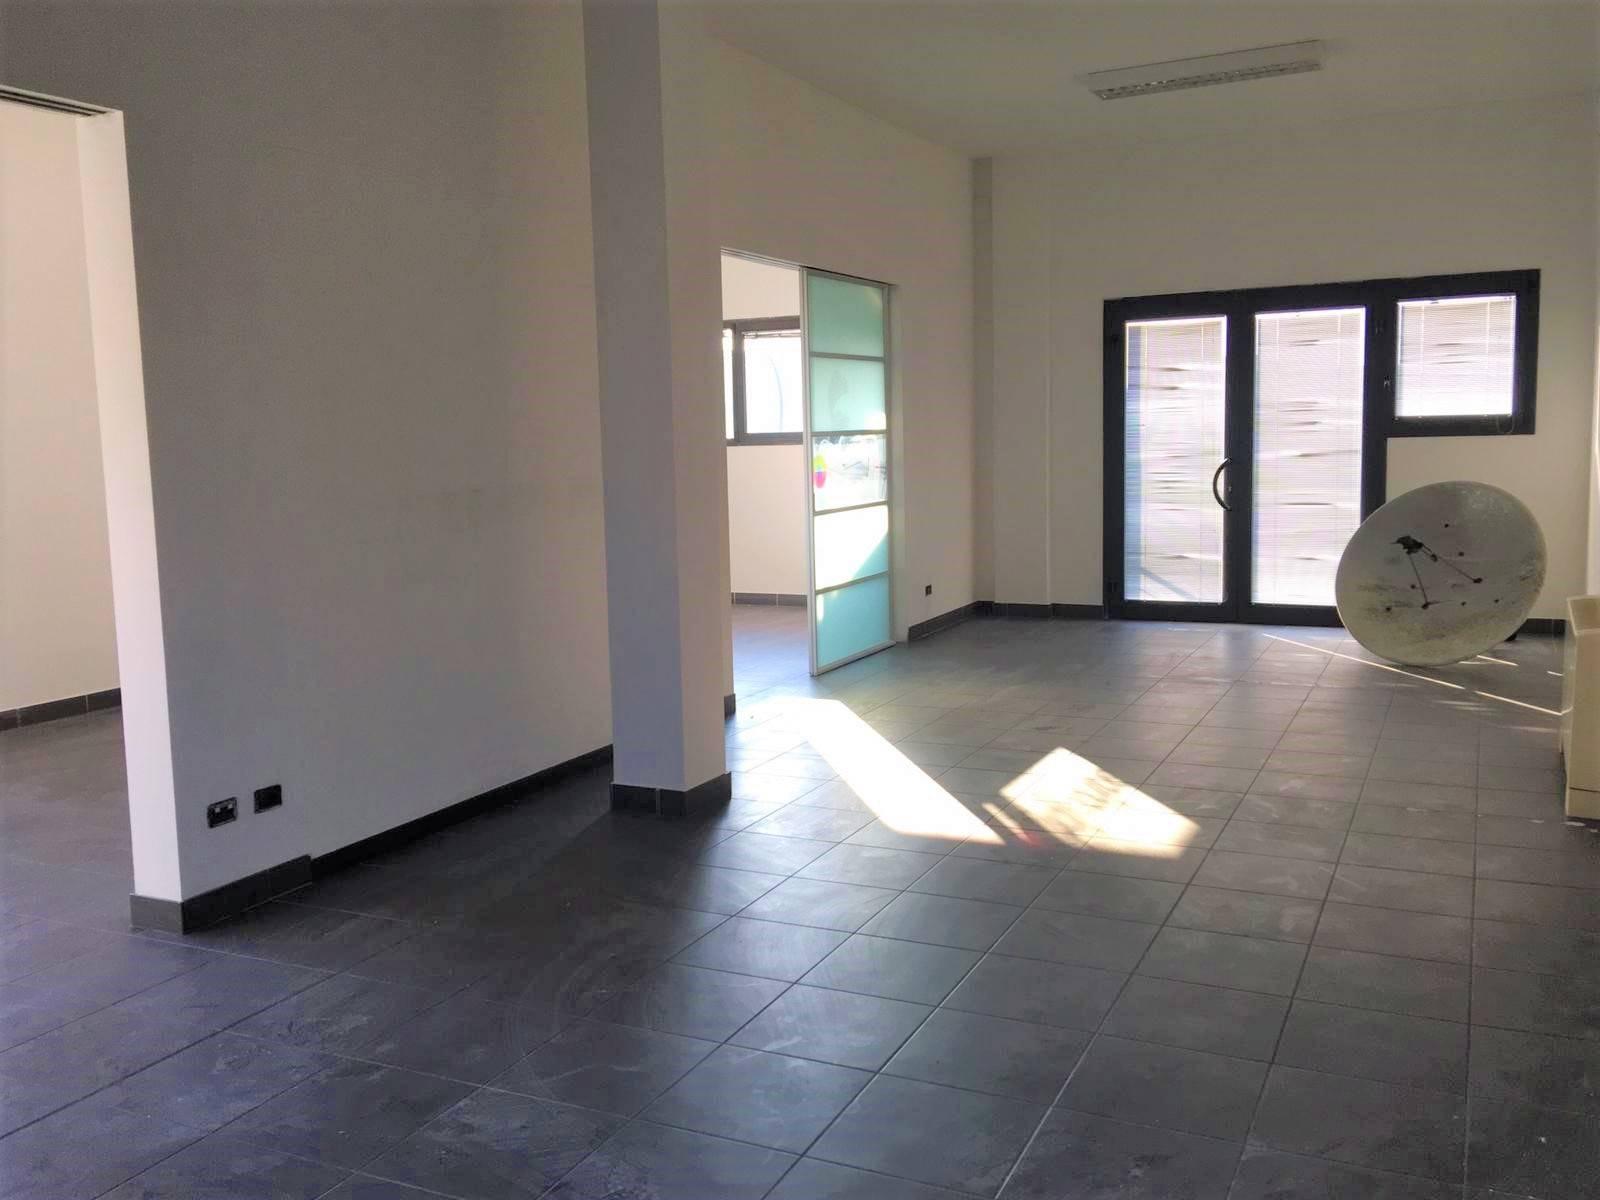 Ufficio / Studio in affitto a Martellago, 4 locali, zona Zona: Maerne, prezzo € 1.650 | CambioCasa.it